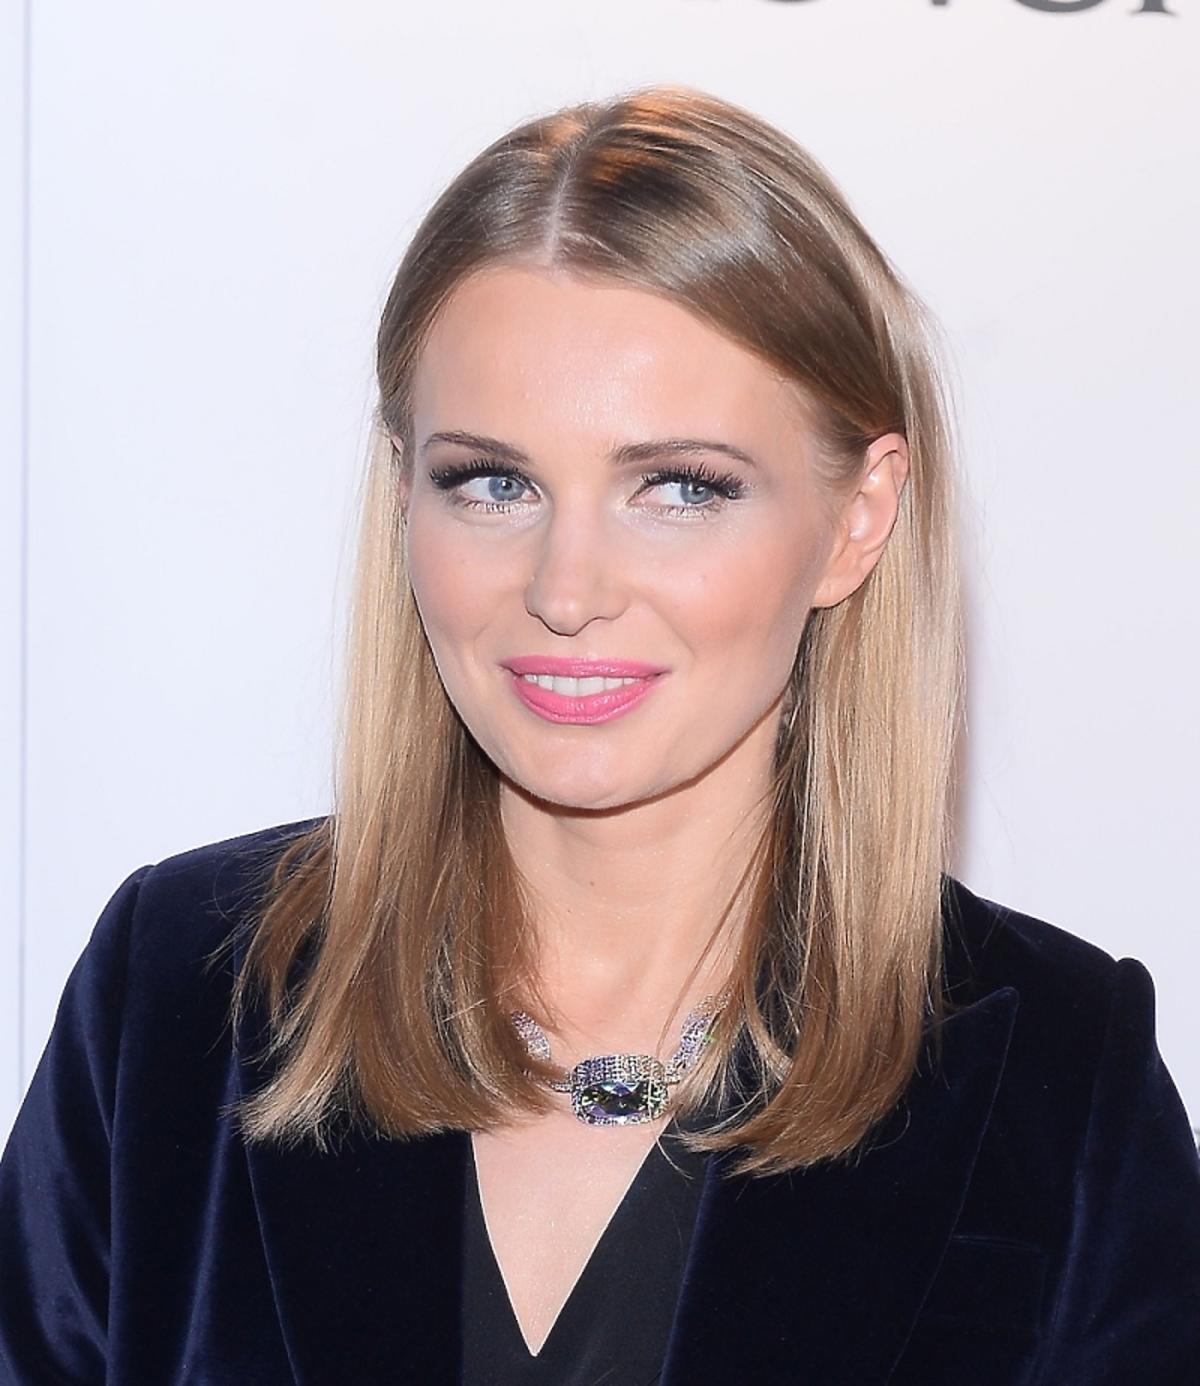 Agnieszka Cegielska w gładkiej fryzurze z dużym naszyjnikiem